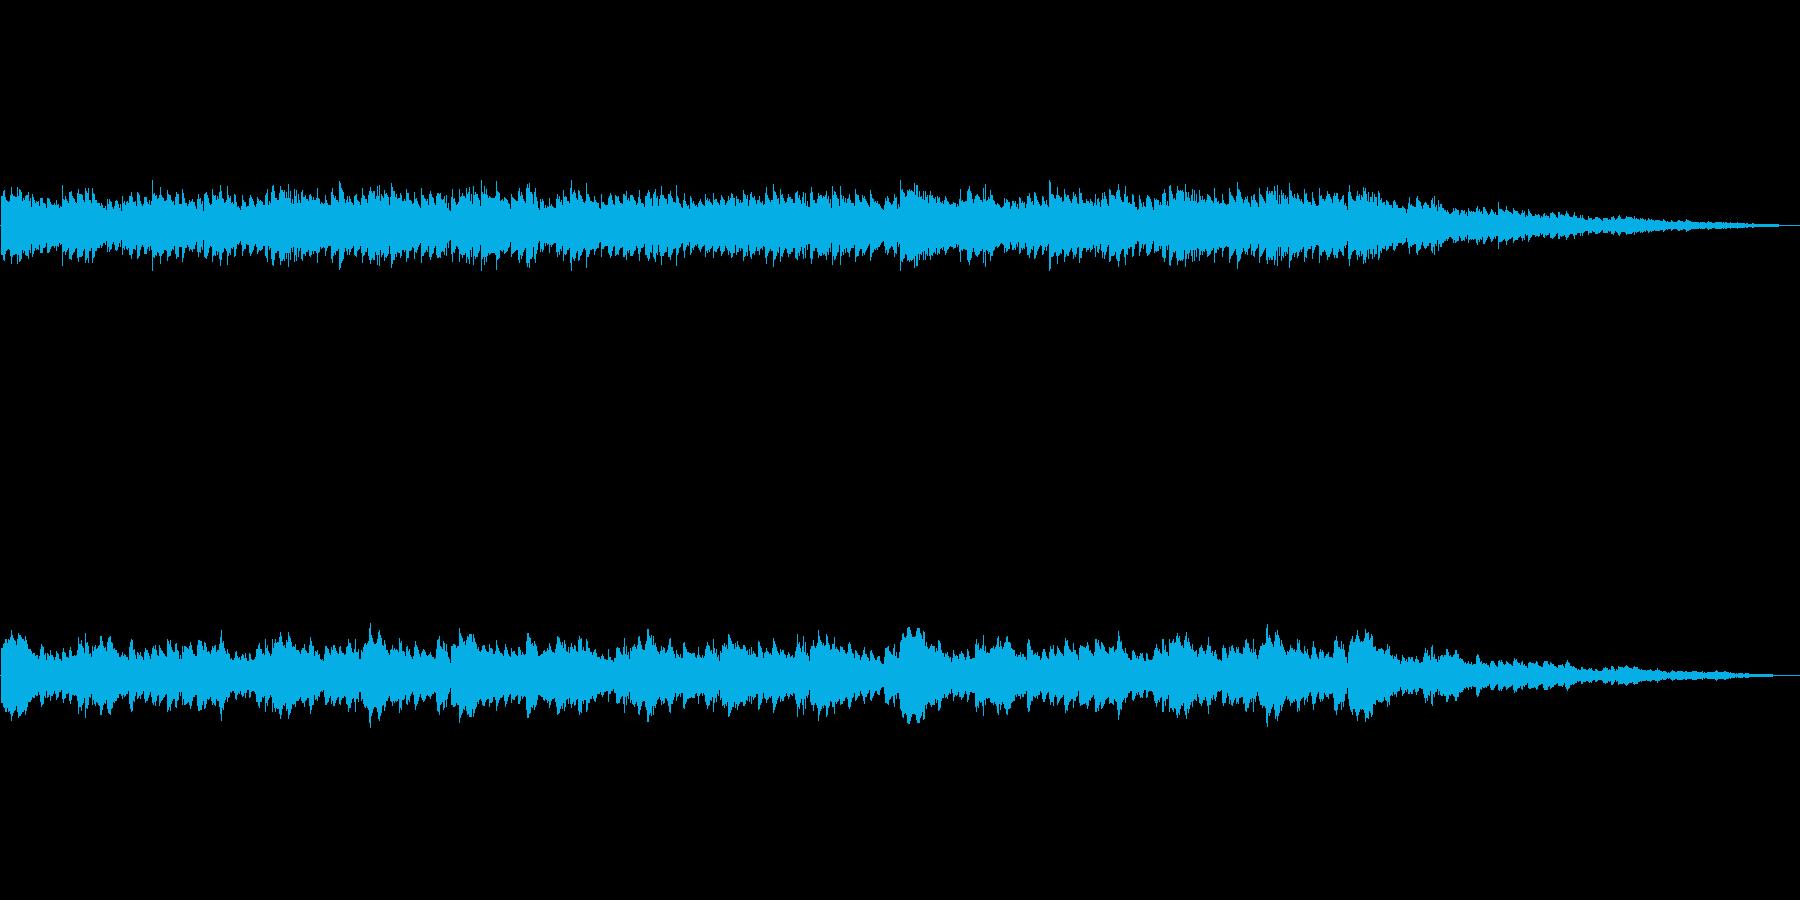 ピアノソロの曲(くり返し)の再生済みの波形